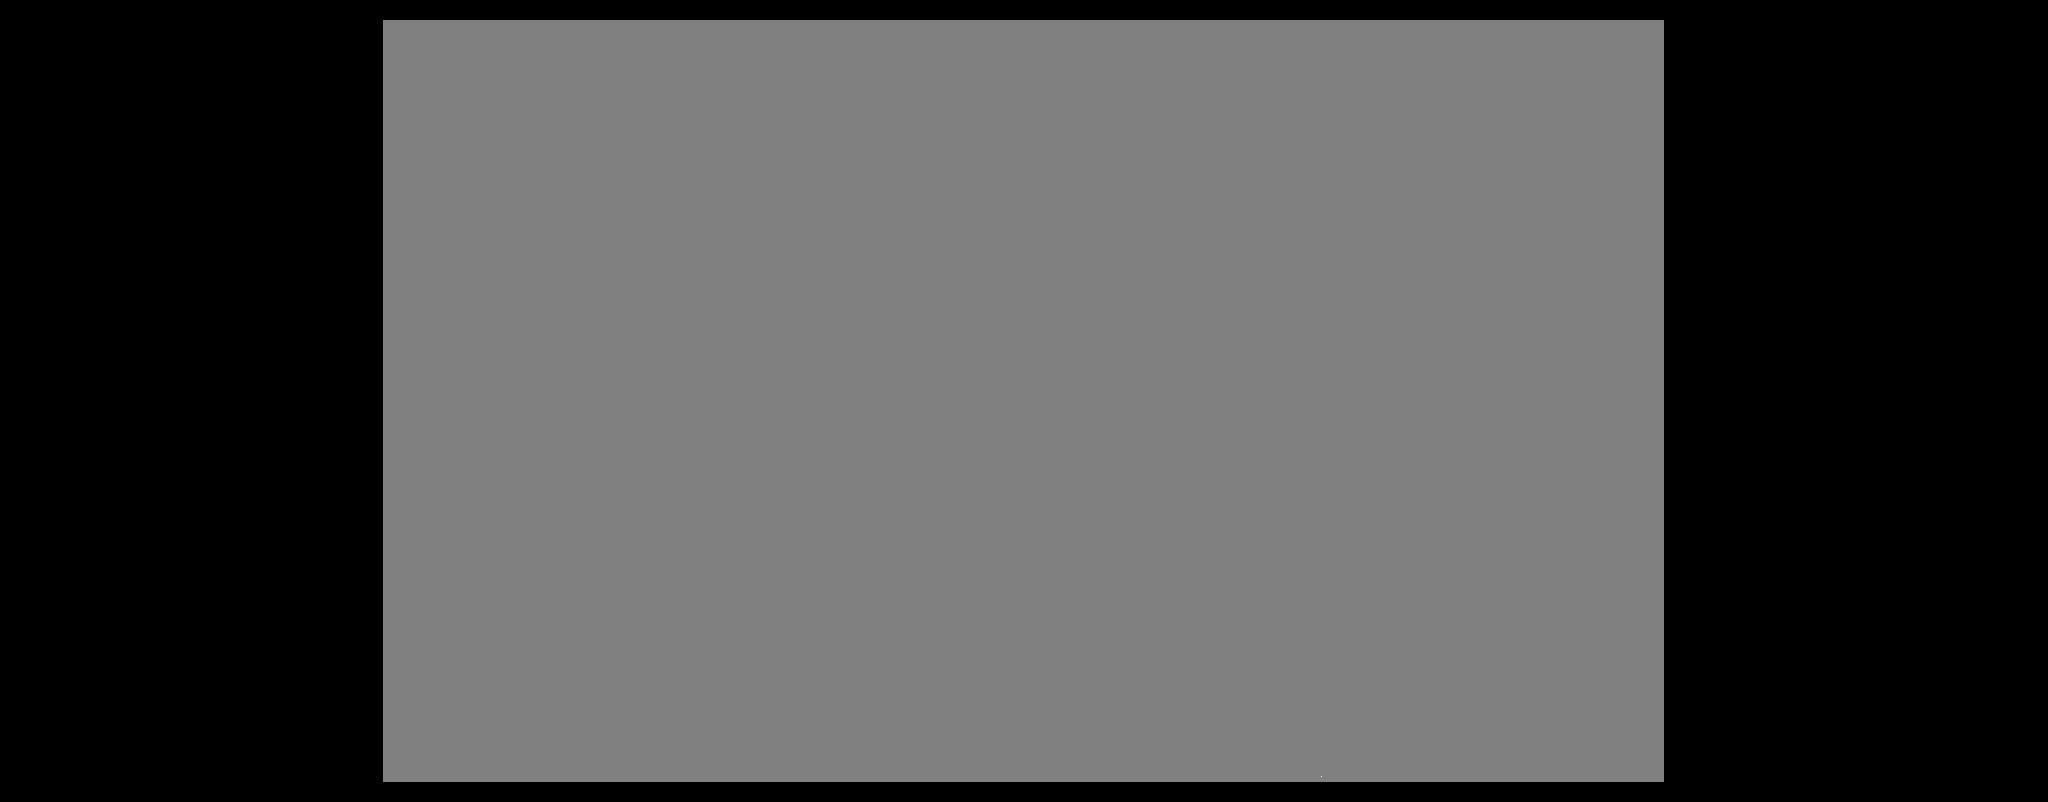 Top 10 builders of 2020